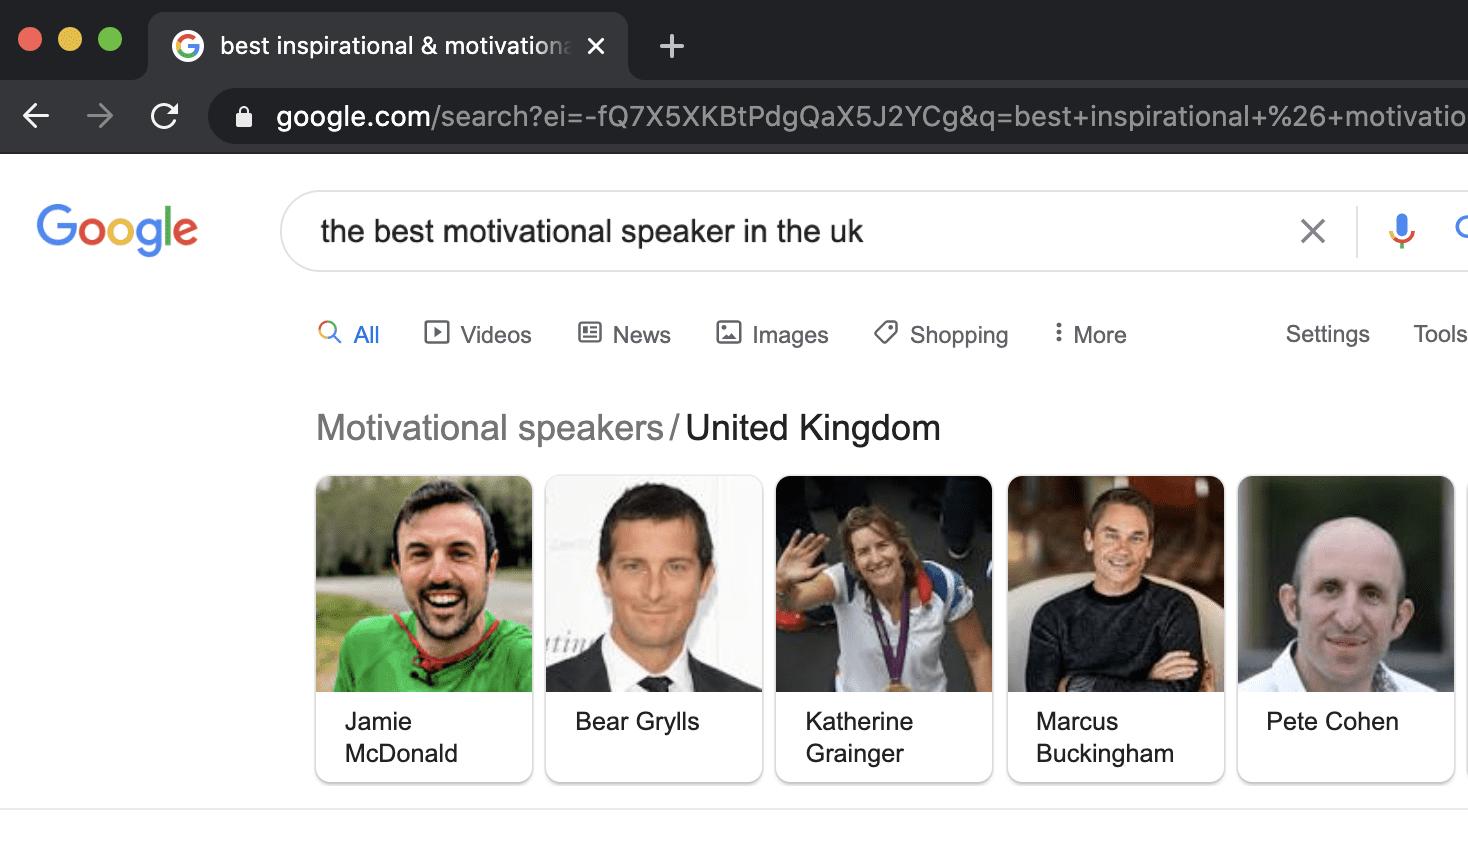 The best motivational speaker in the UK